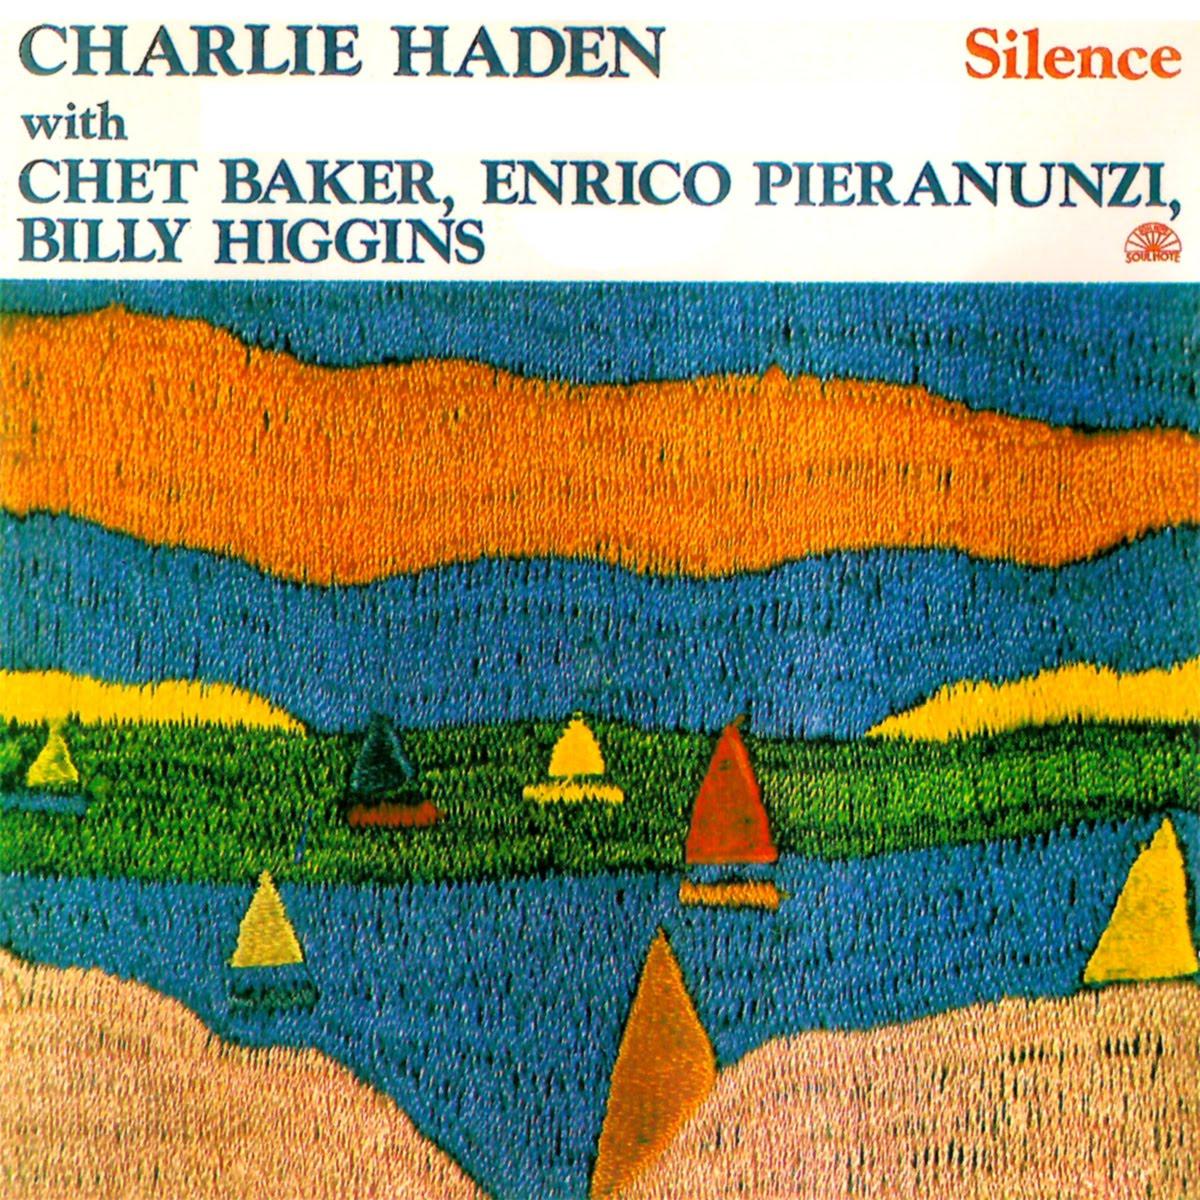 CHARLIE HADEN - Silence cover